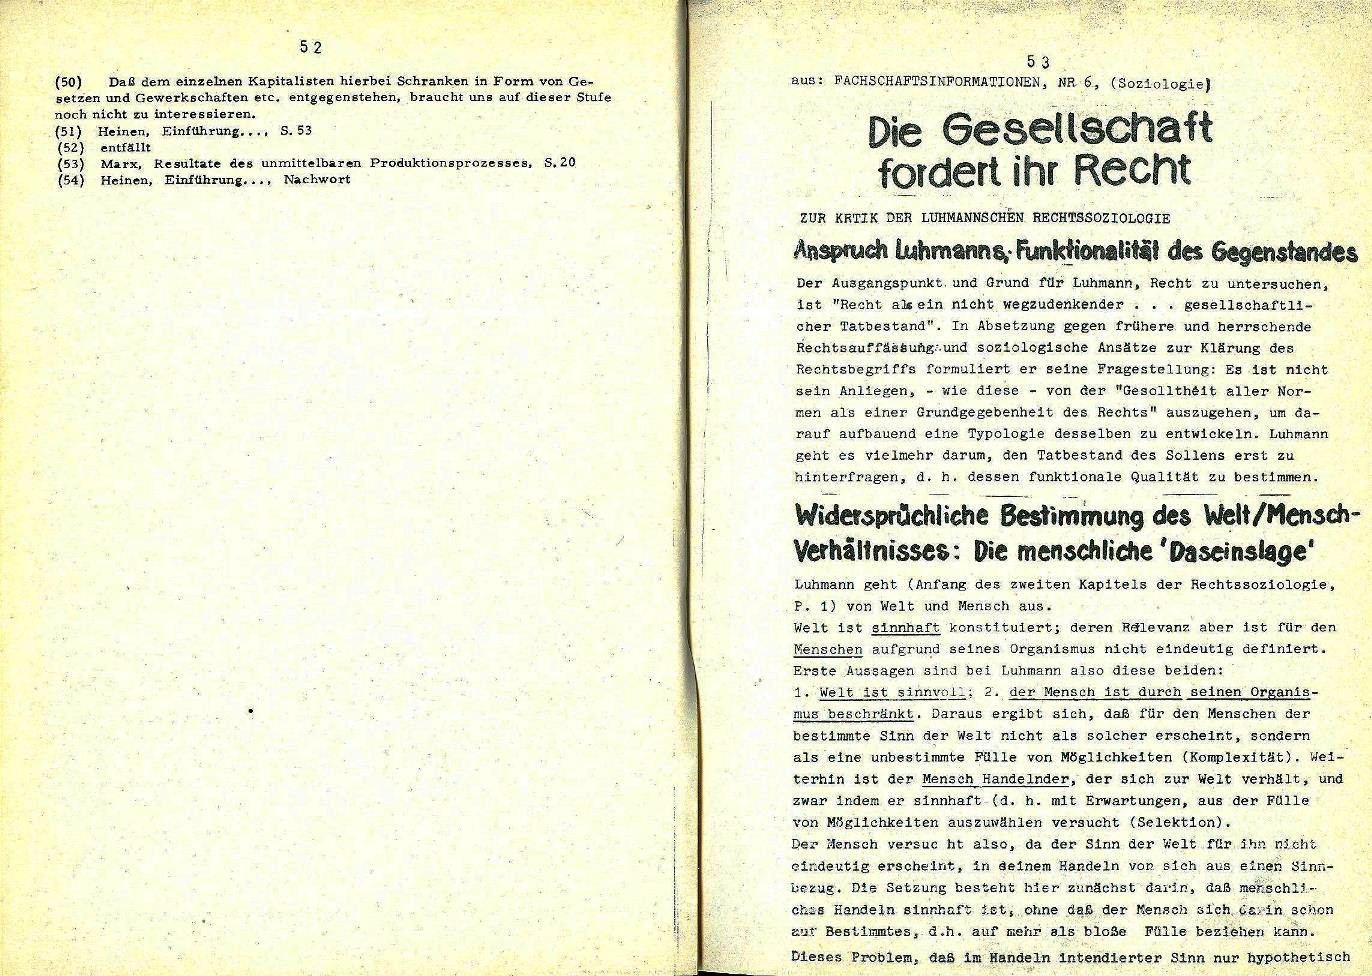 Muenchen_AK_Sozialistisches_Studium028